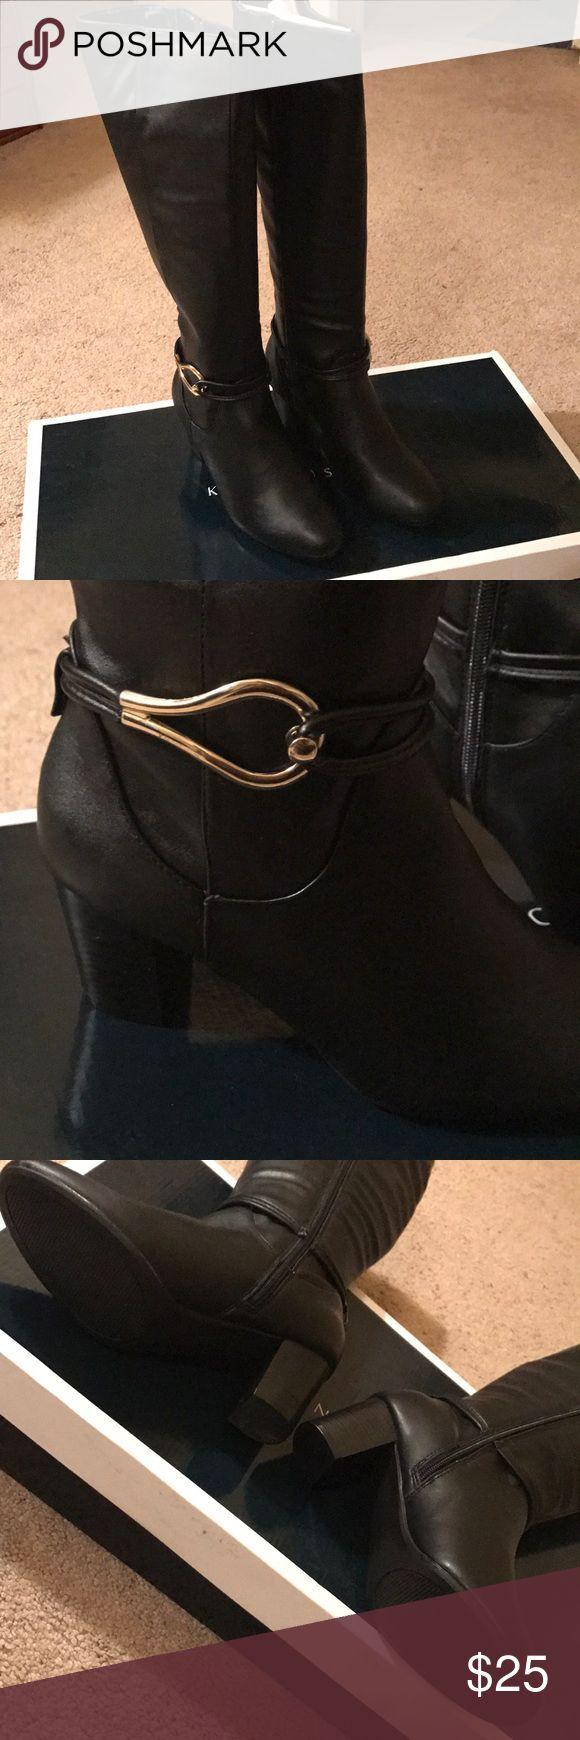 Karen Scott Black Wide Calf Tall Boots Karen Scott Black Wide Calf Tall Boots. Size 7. Never Worn. Still in Originally Packaging. Karen Scott Shoes Heeled Boots